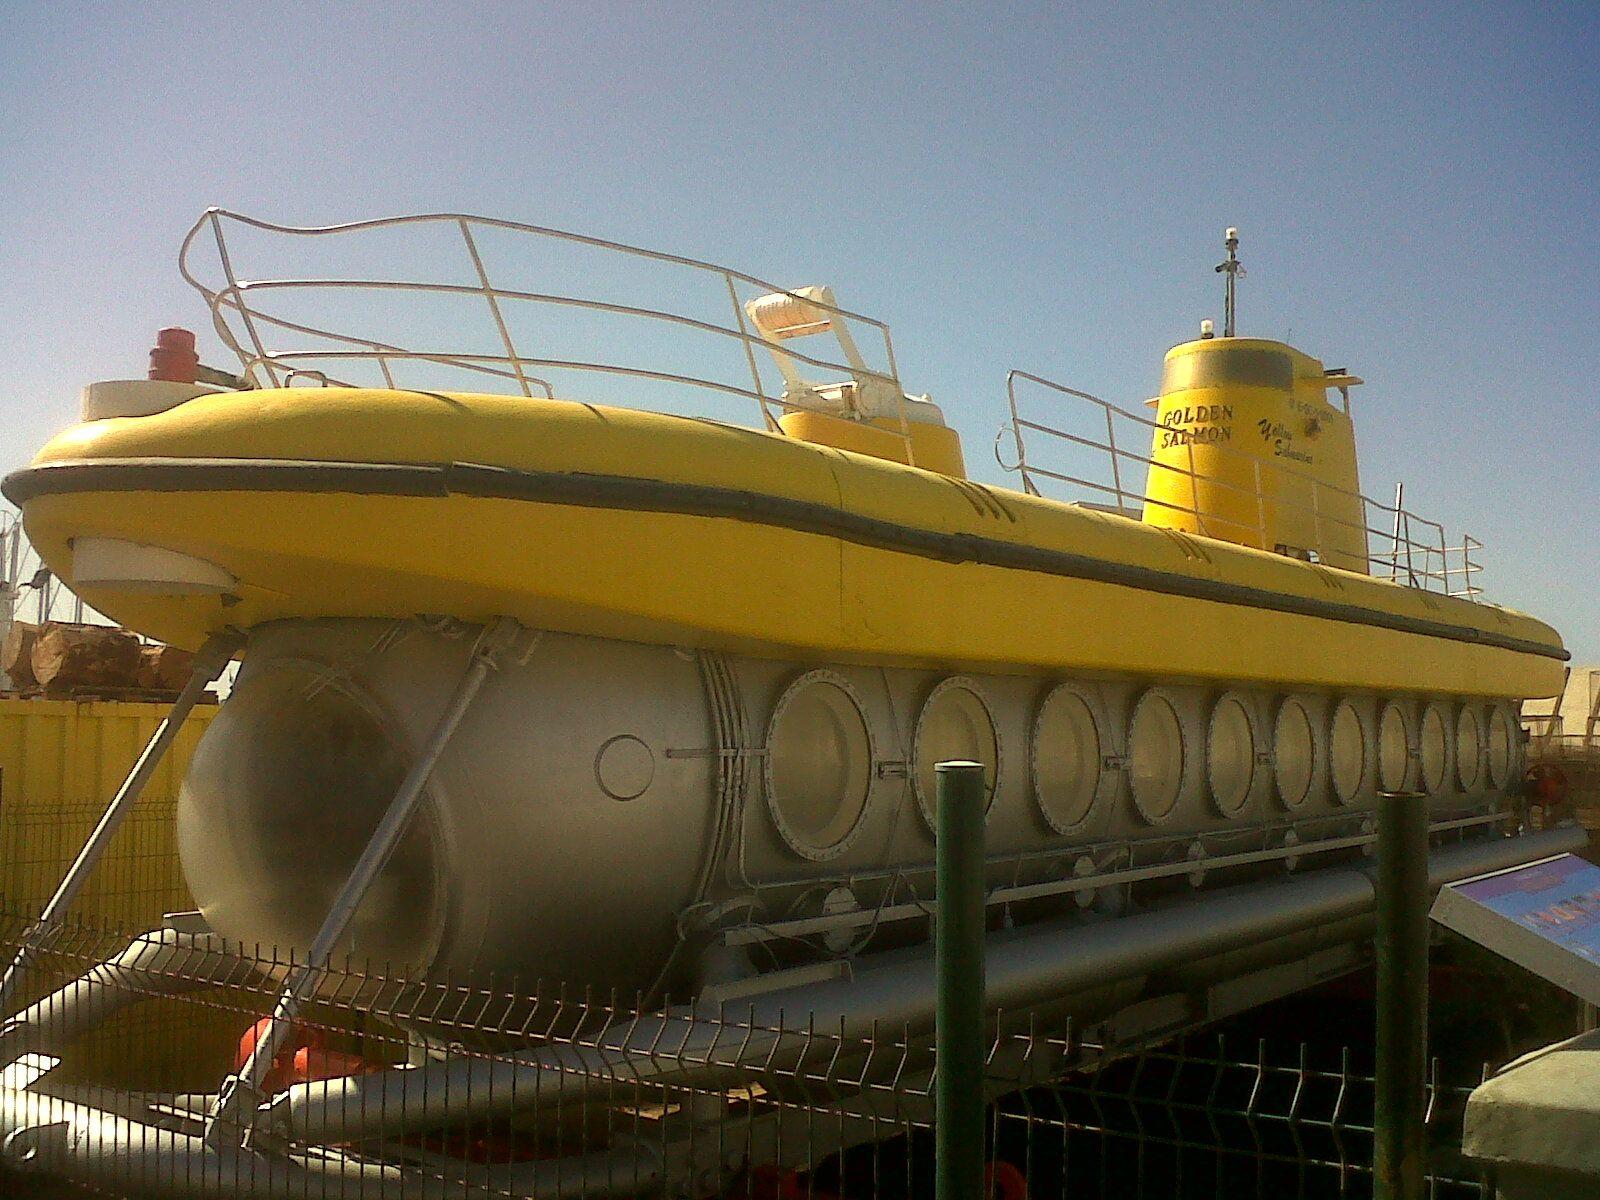 yellow submarine - playa de mógan - islas canárias - españa